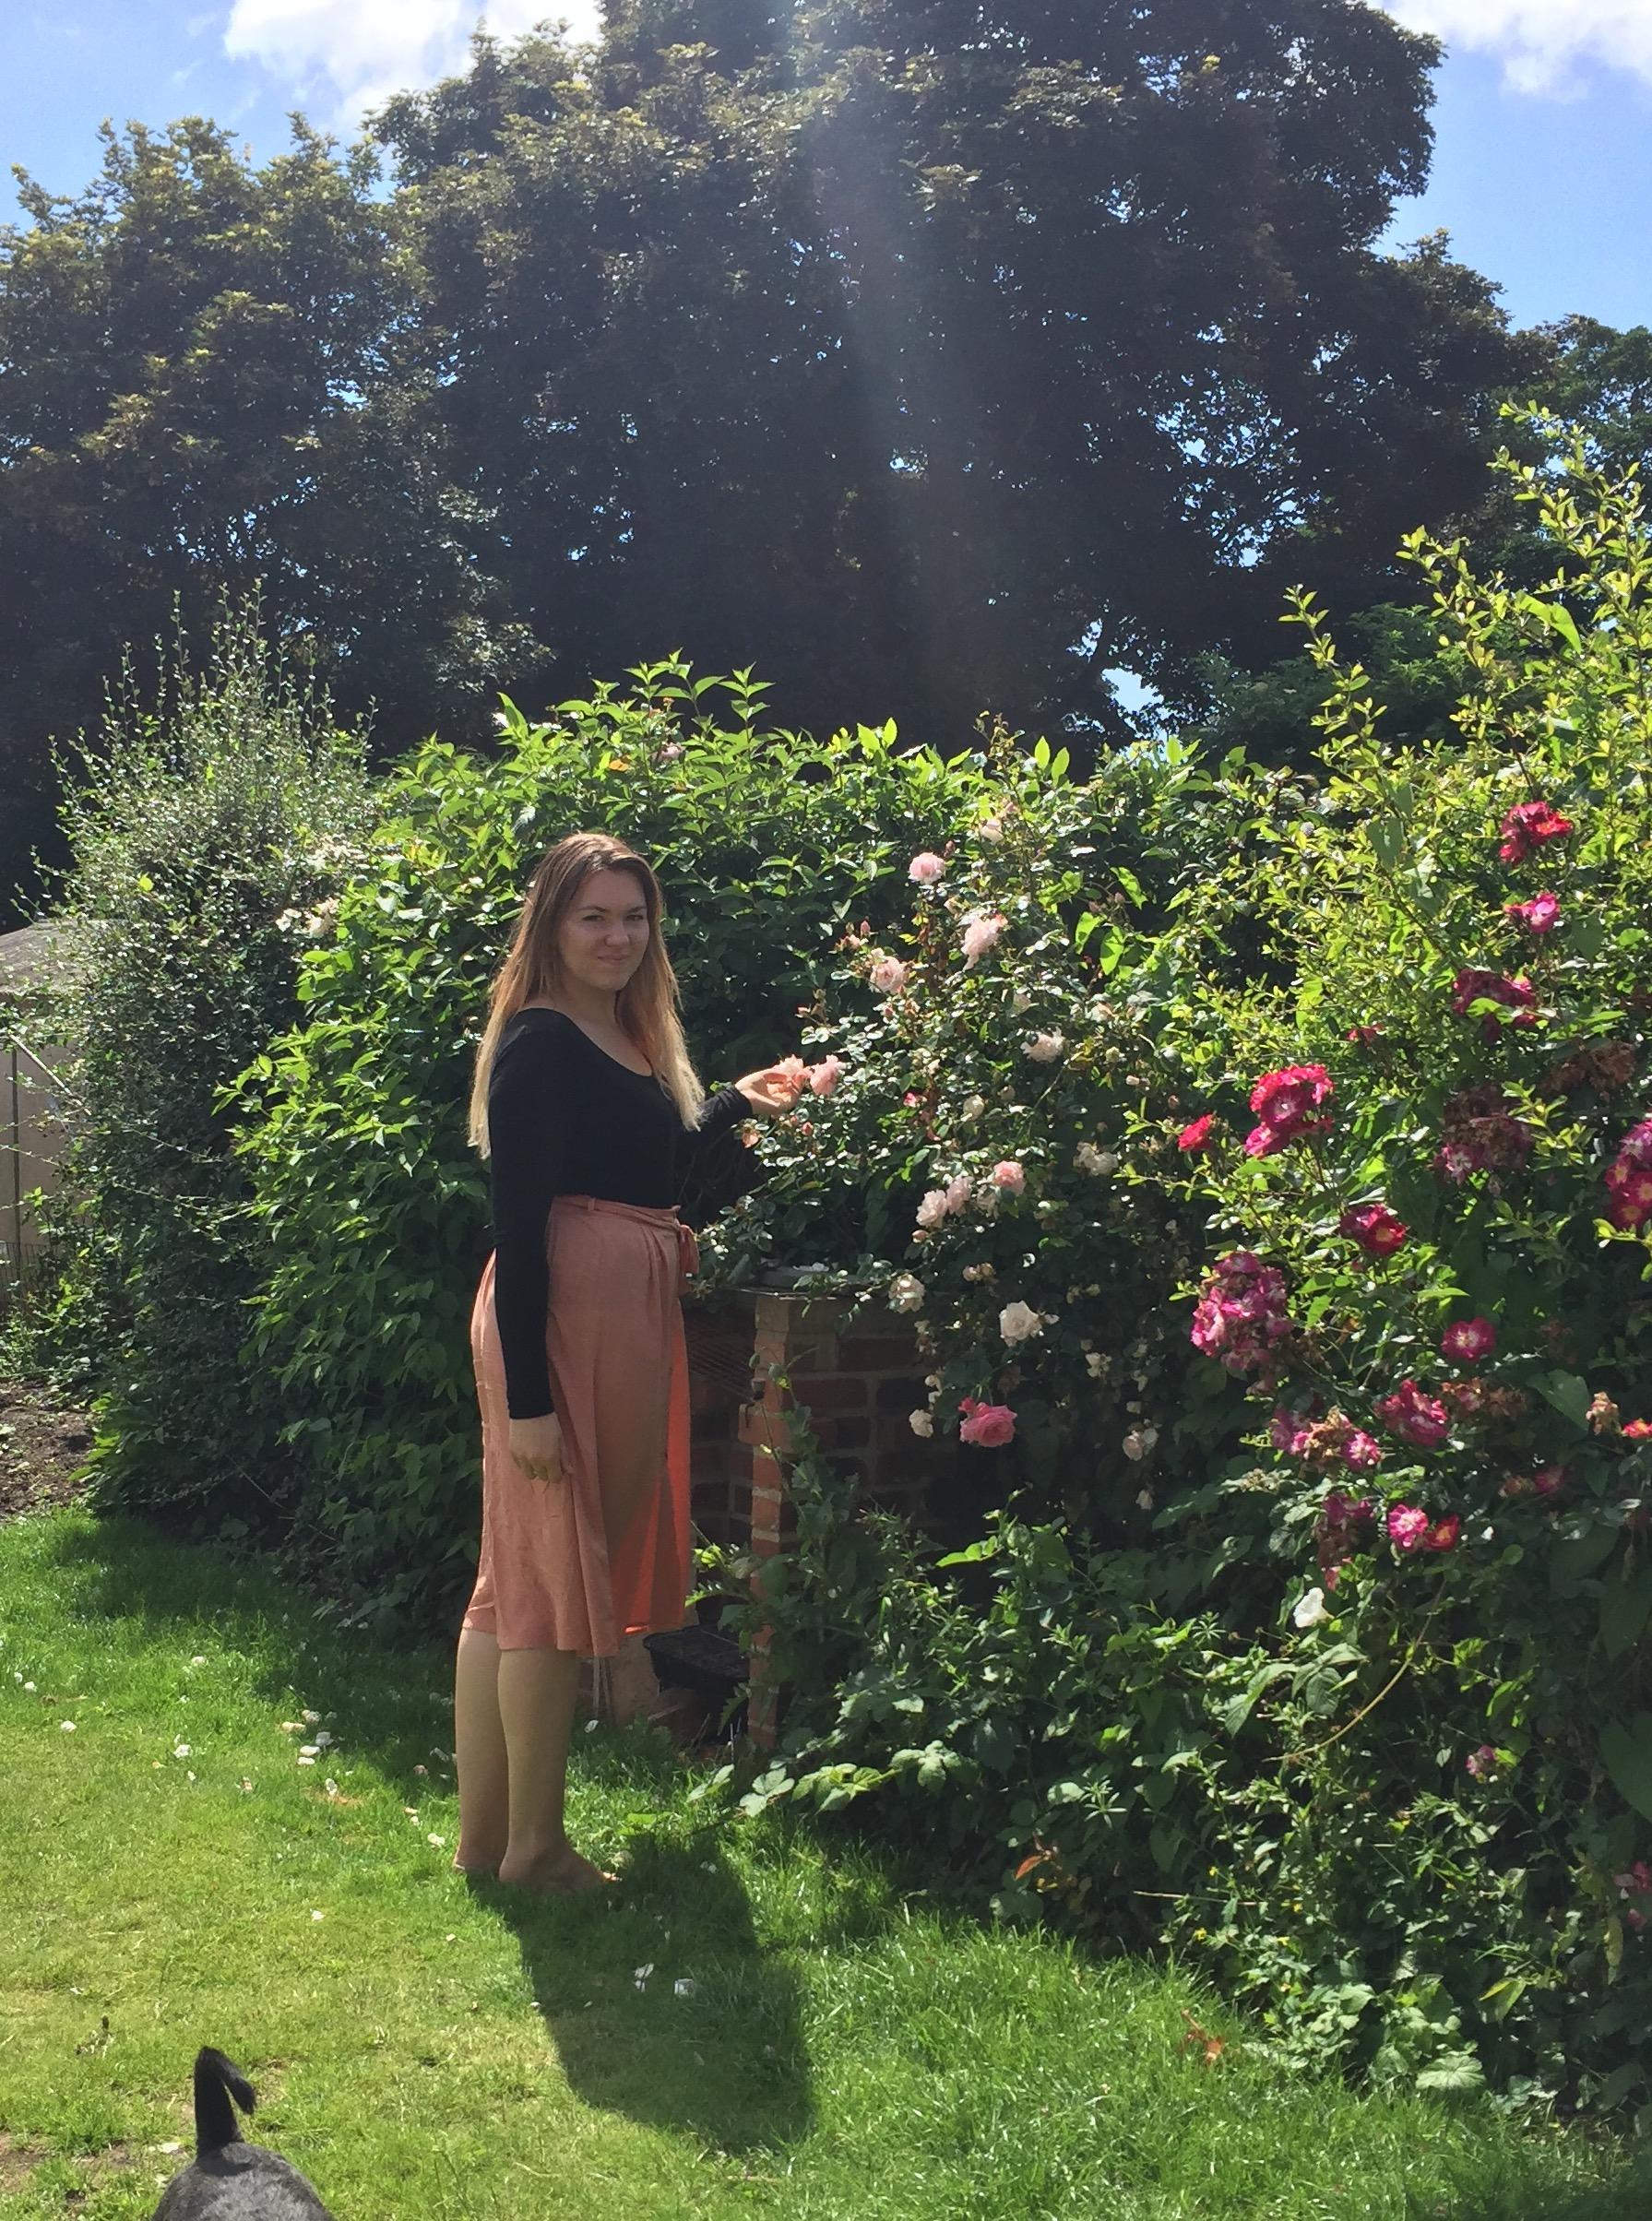 Peach, Violet Glenton, New Look, Summer